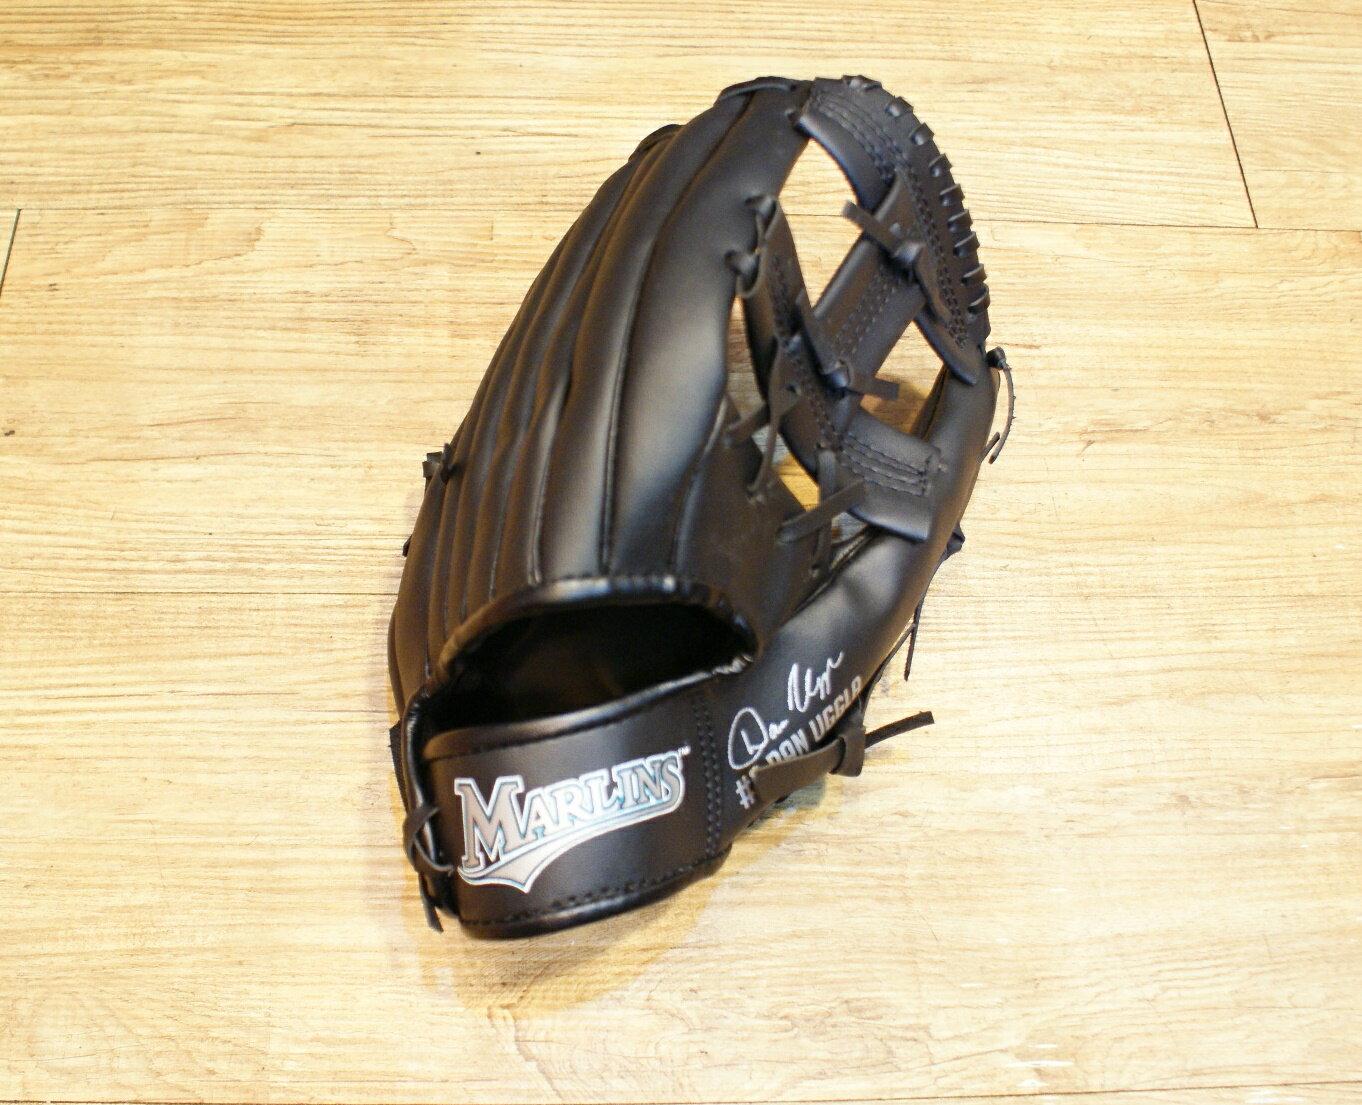 棒球世界 美國大聯盟MLB 佛羅里達馬林魚國小球迷用手套 特價